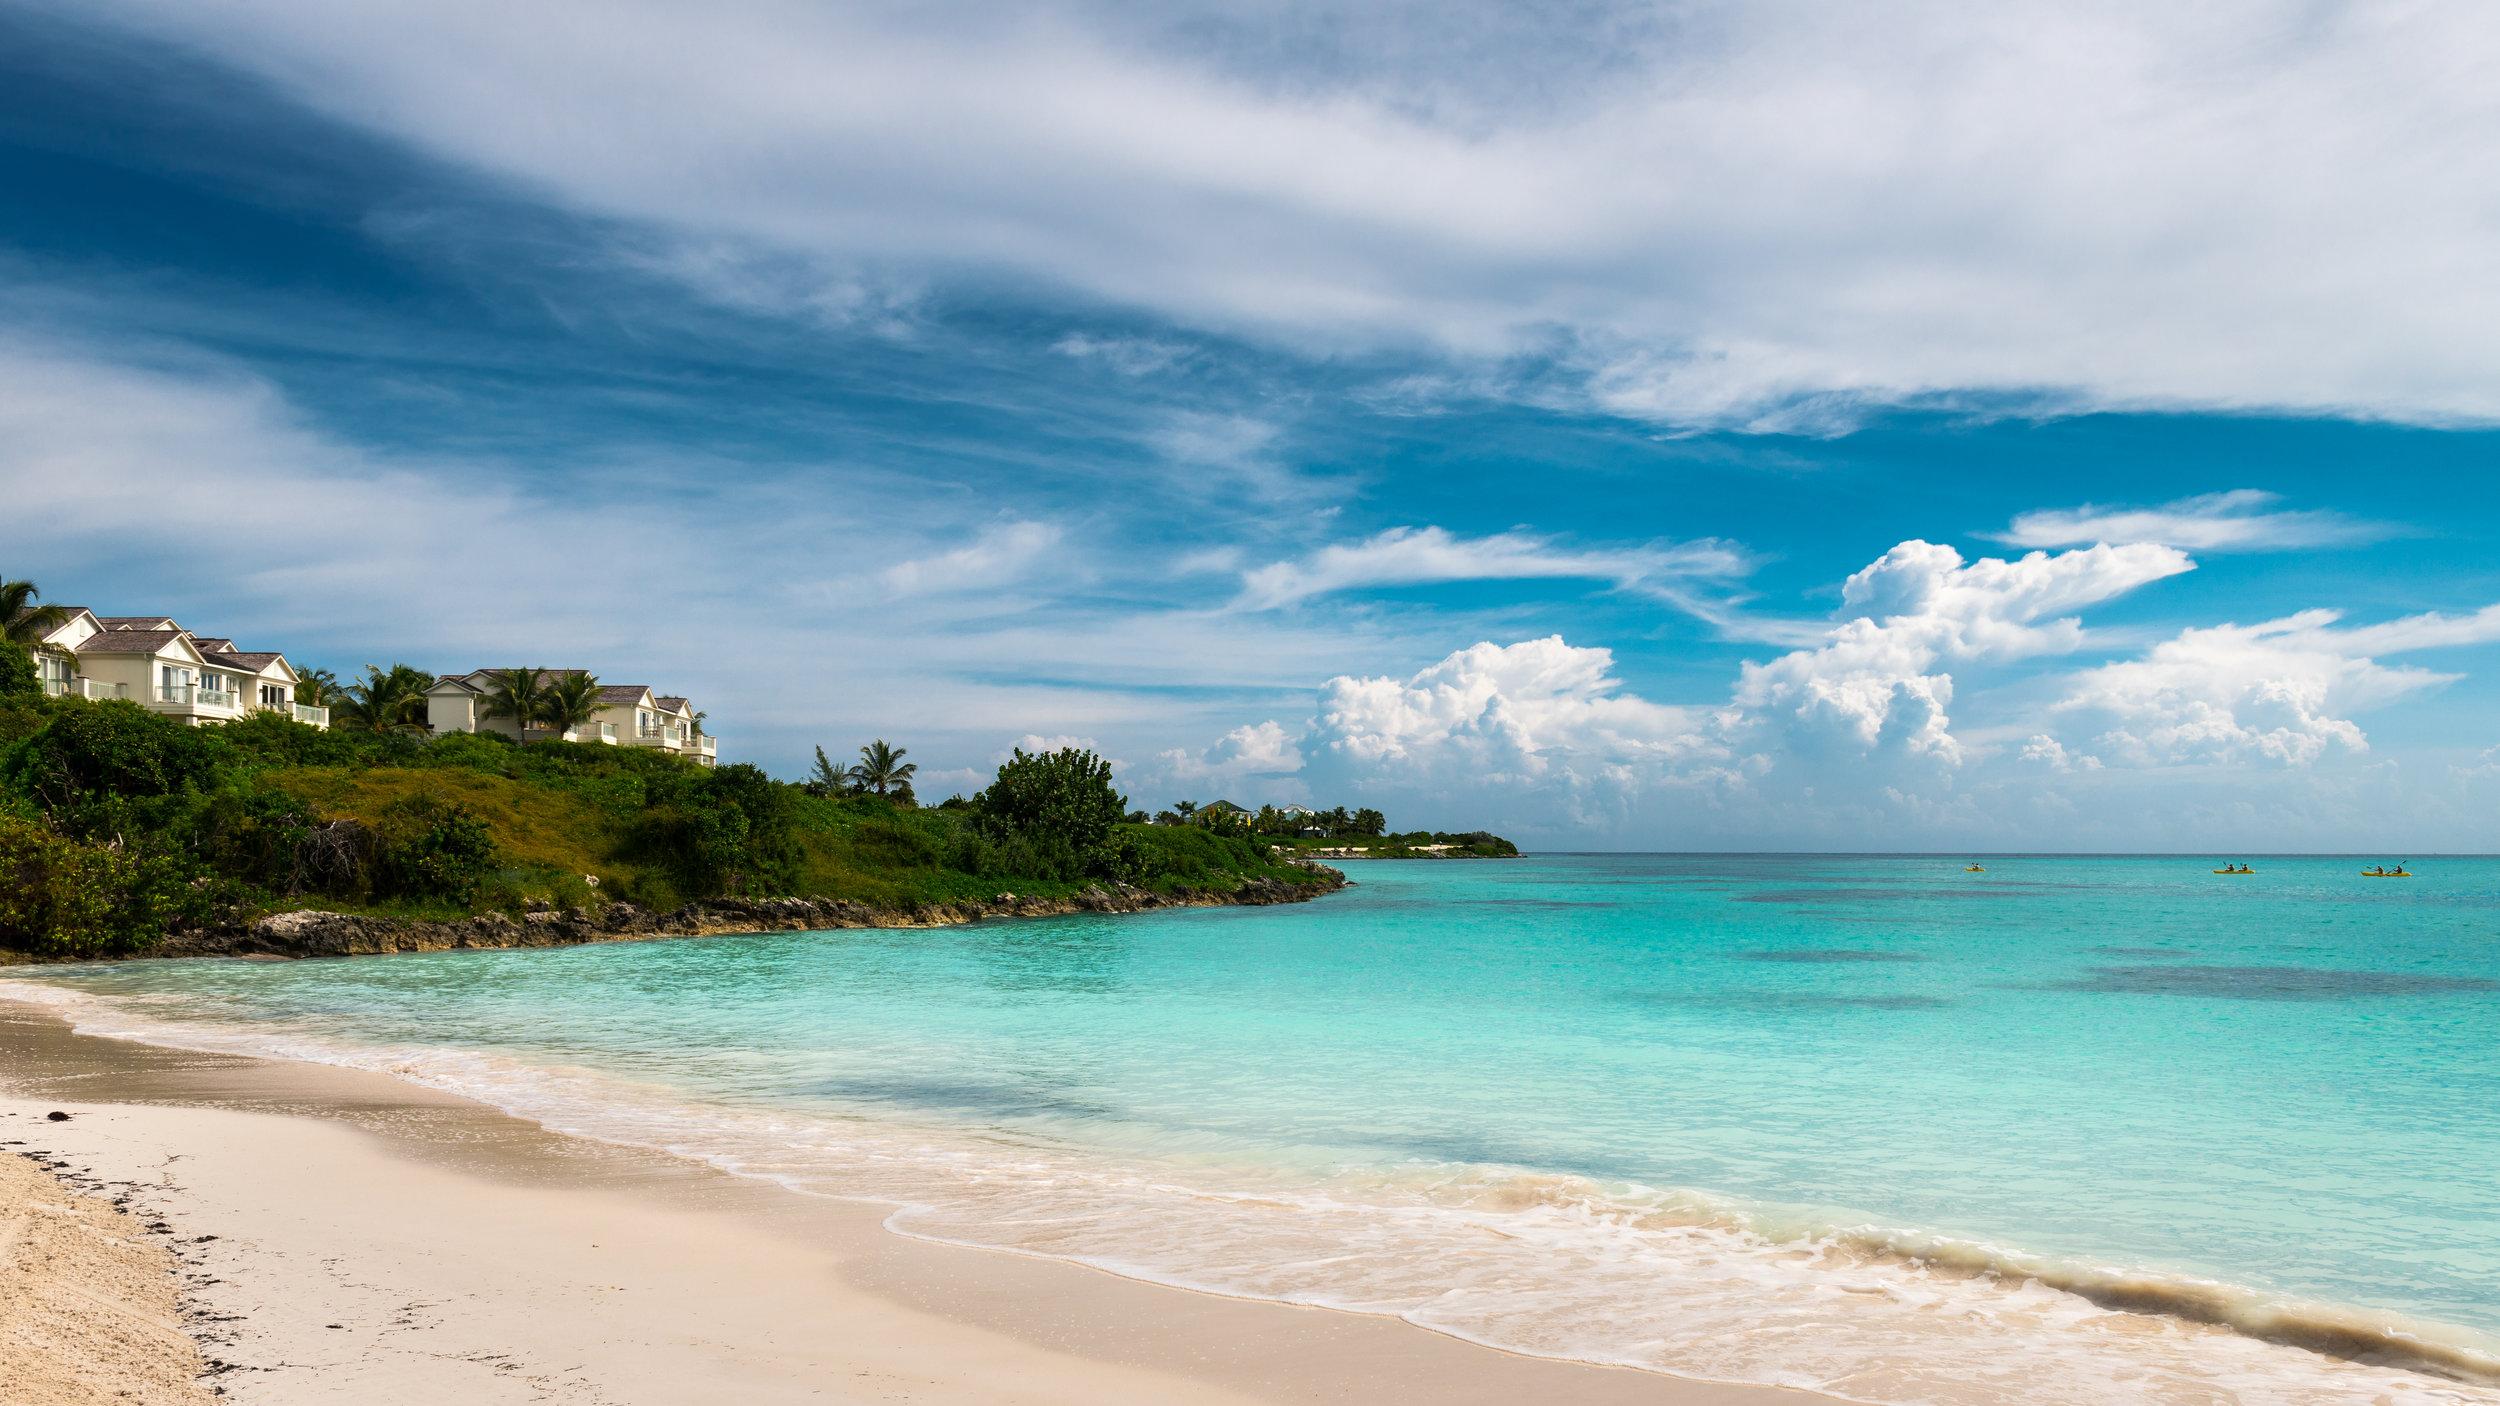 Grand_Isle_Resort-7387_Beach.jpg